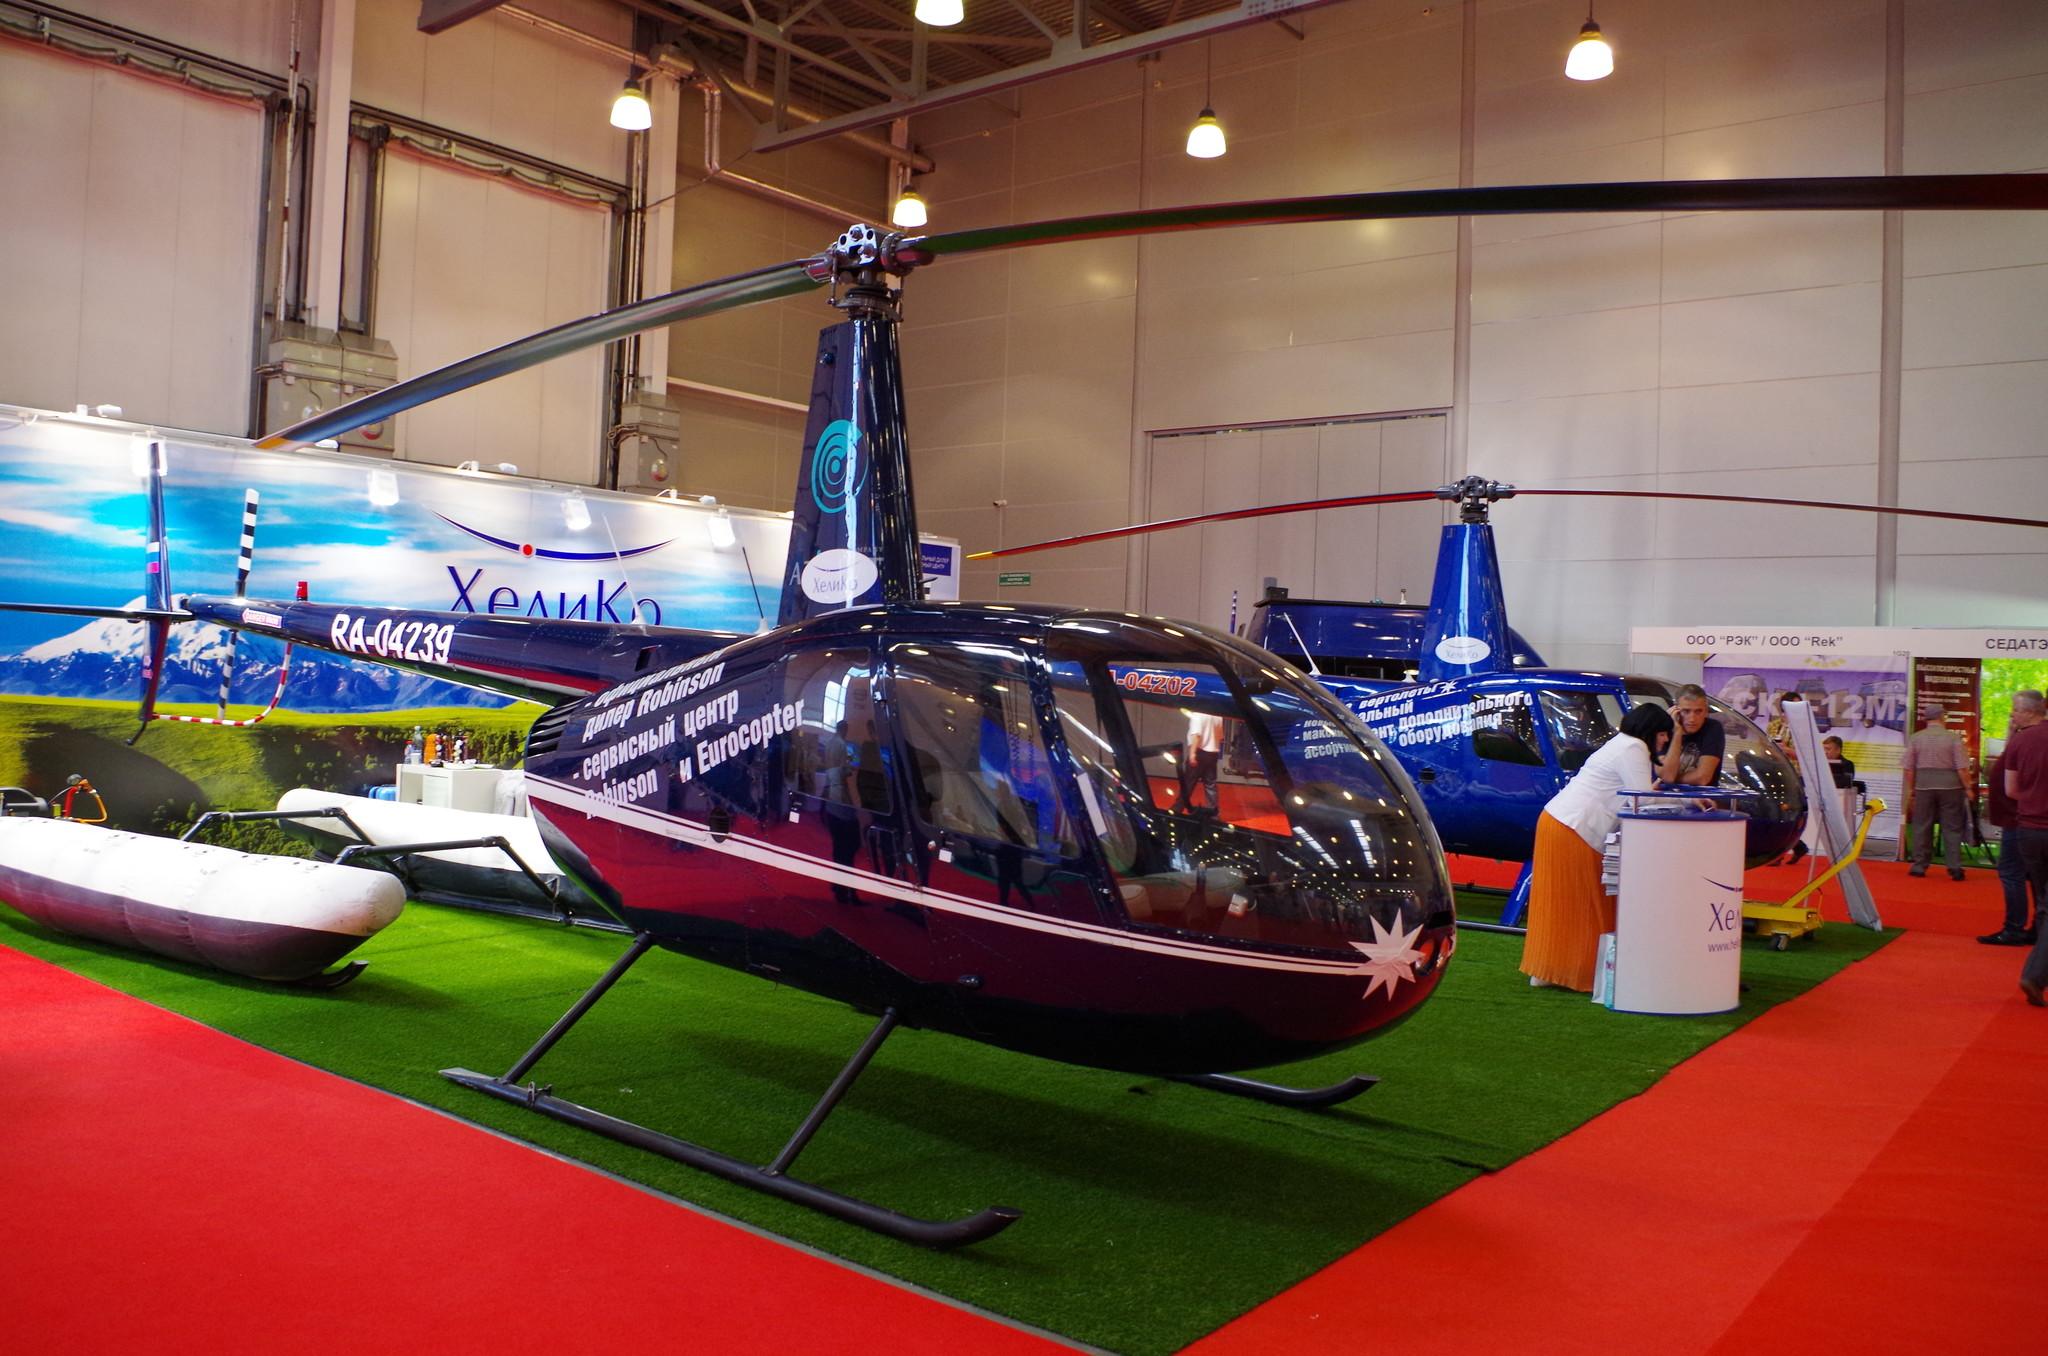 Лёгкие вертолёты Robinson R44 (RA-04239 и RA-04202)